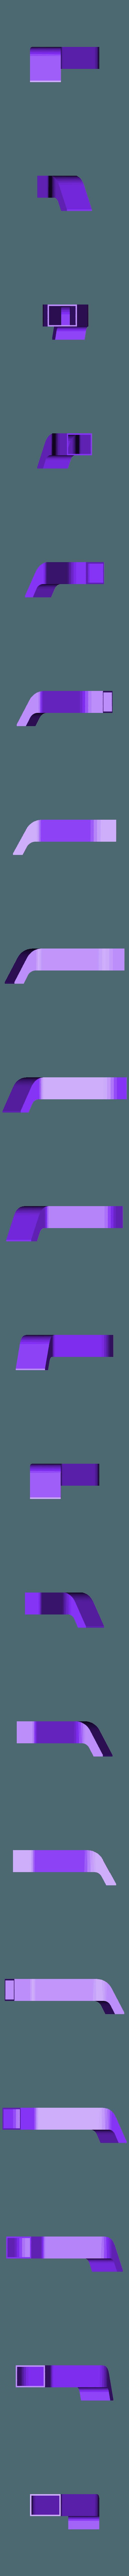 duct_sym.stl Télécharger fichier STL gratuit E3DV6 chariot bowden de Tech2C double ventilateur radial • Objet imprimable en 3D, Sebtheis